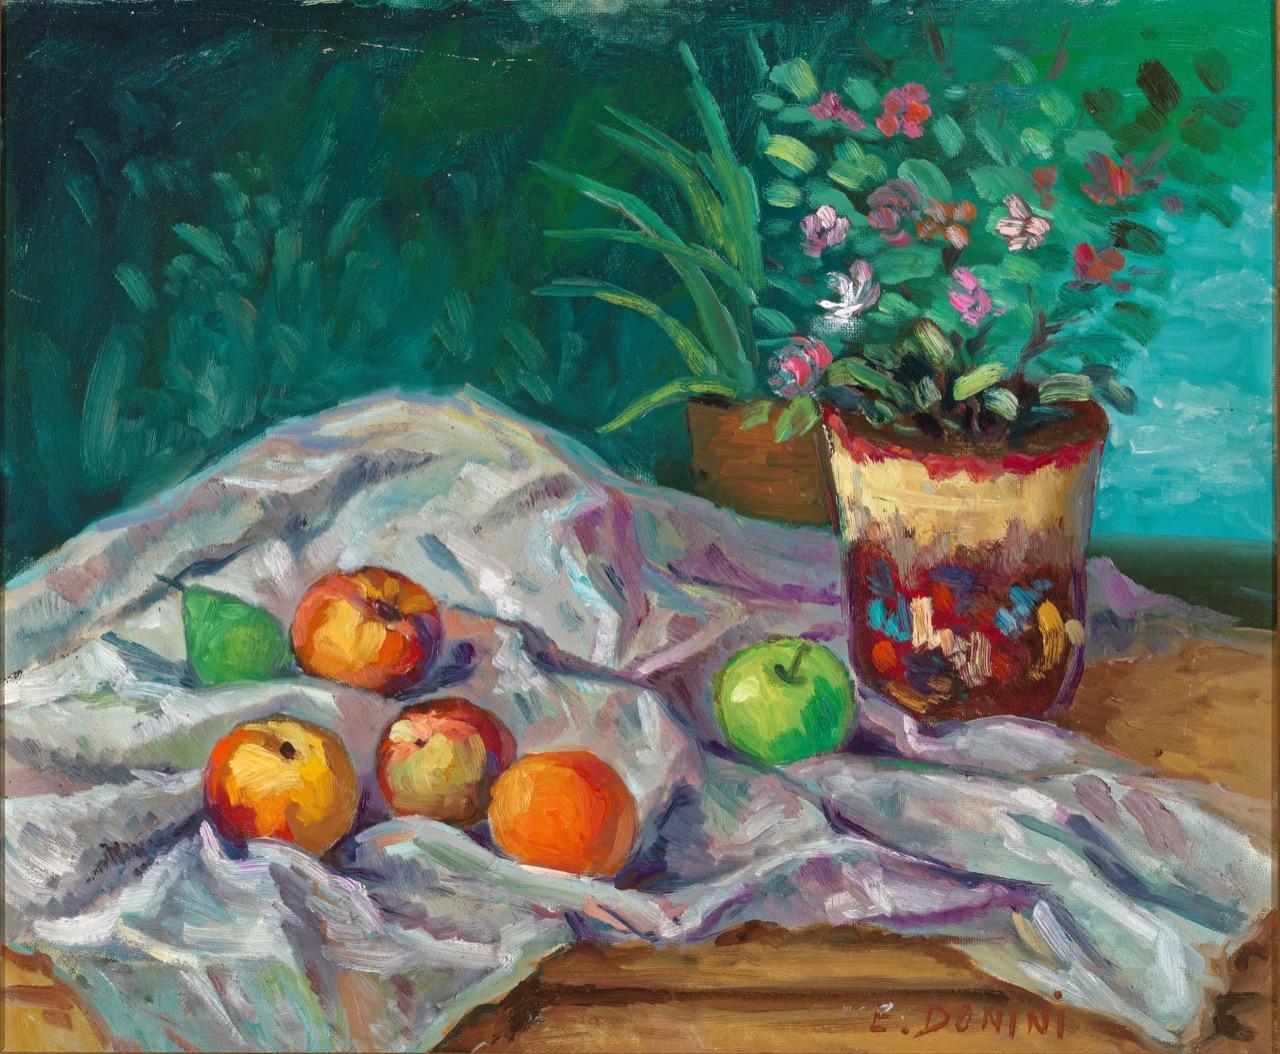 Natura morta con vaso decorato, anni '80, olio su faesite, 50x60 cm